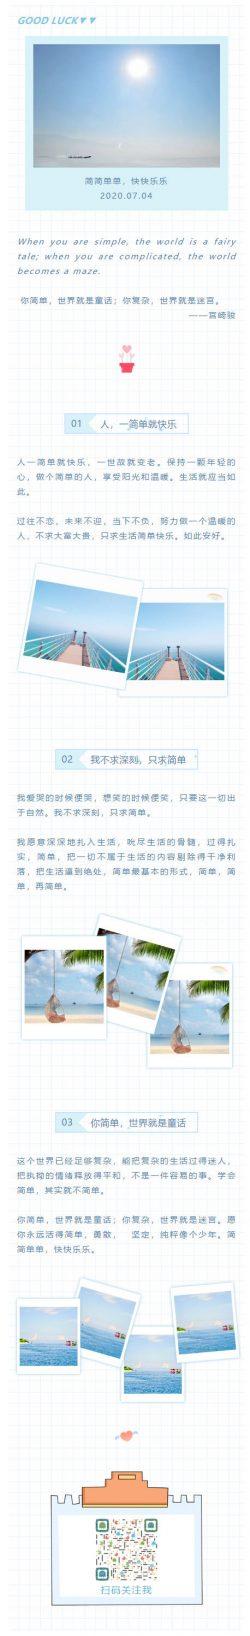 夏天阳光沙滩大海旅游旅行微信公众号推文模板推送图文素材蓝色网格背景